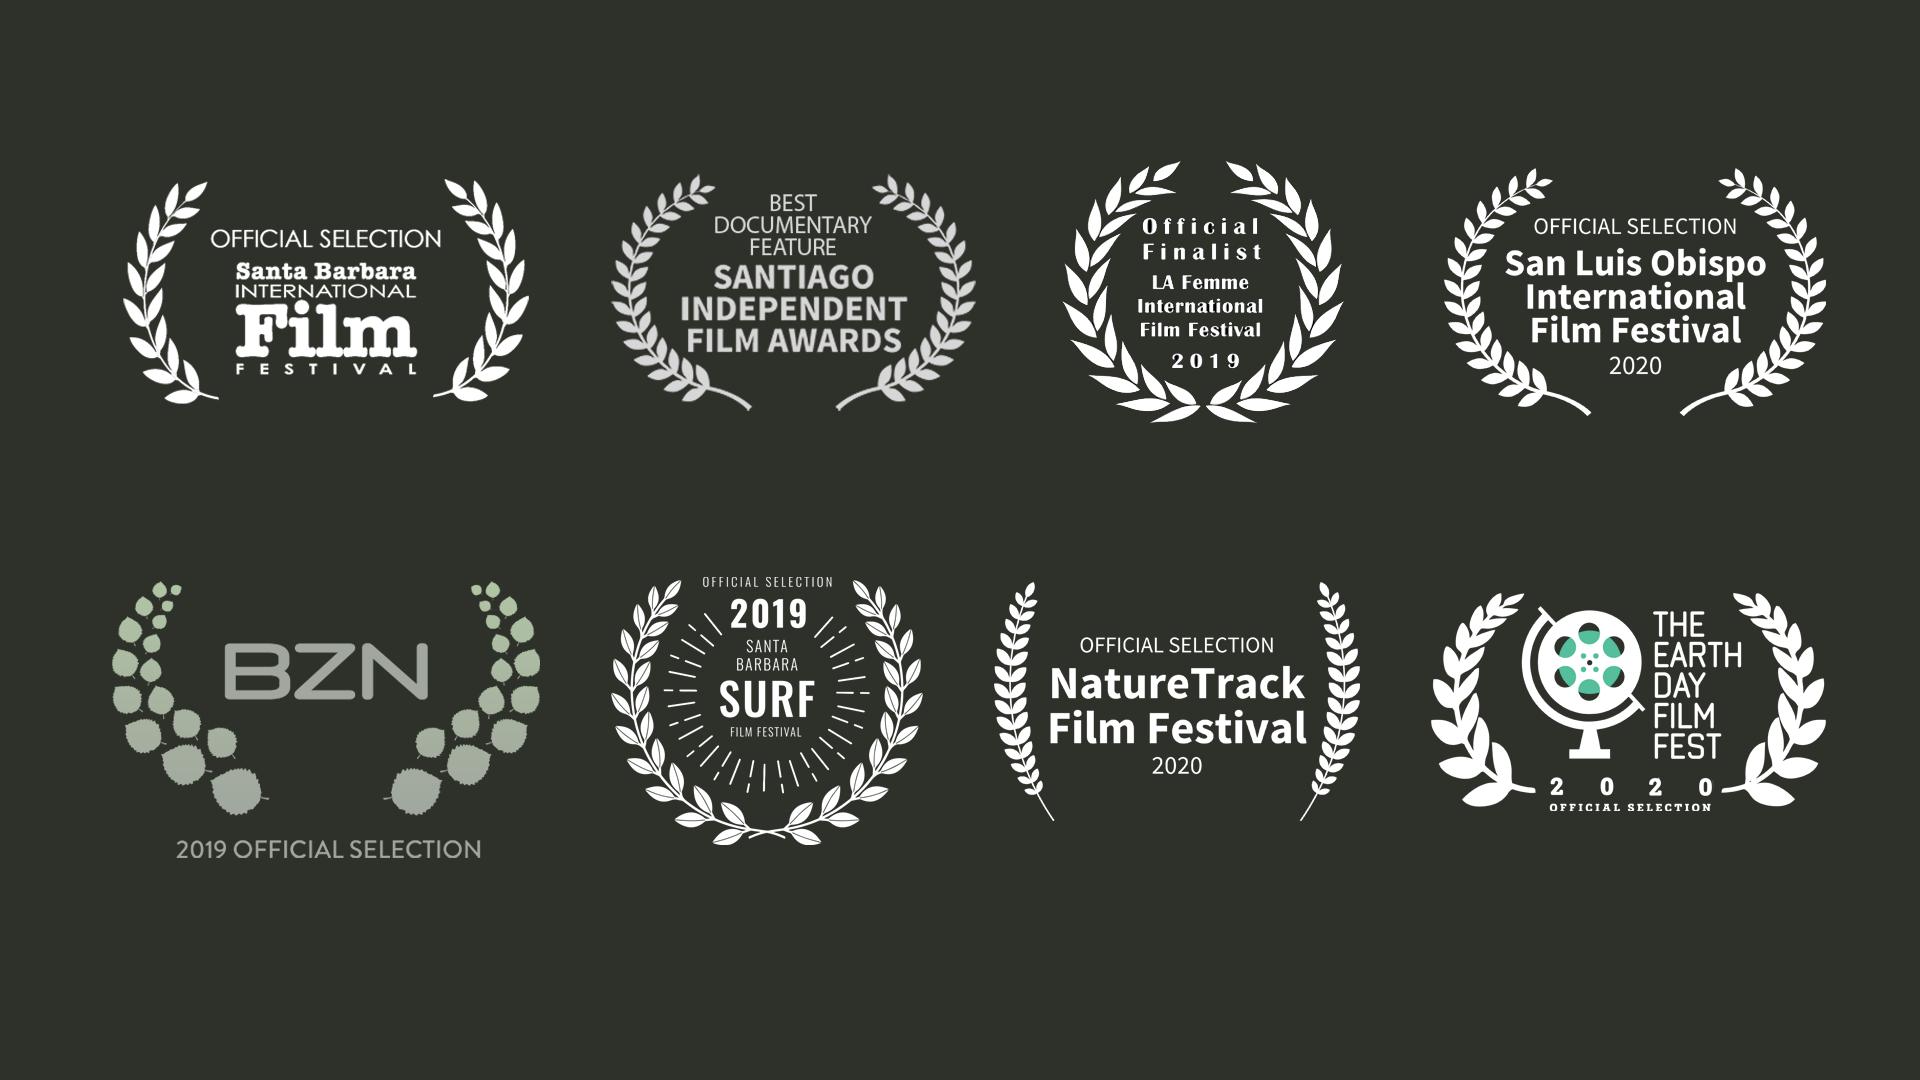 Better Together film festival laurels